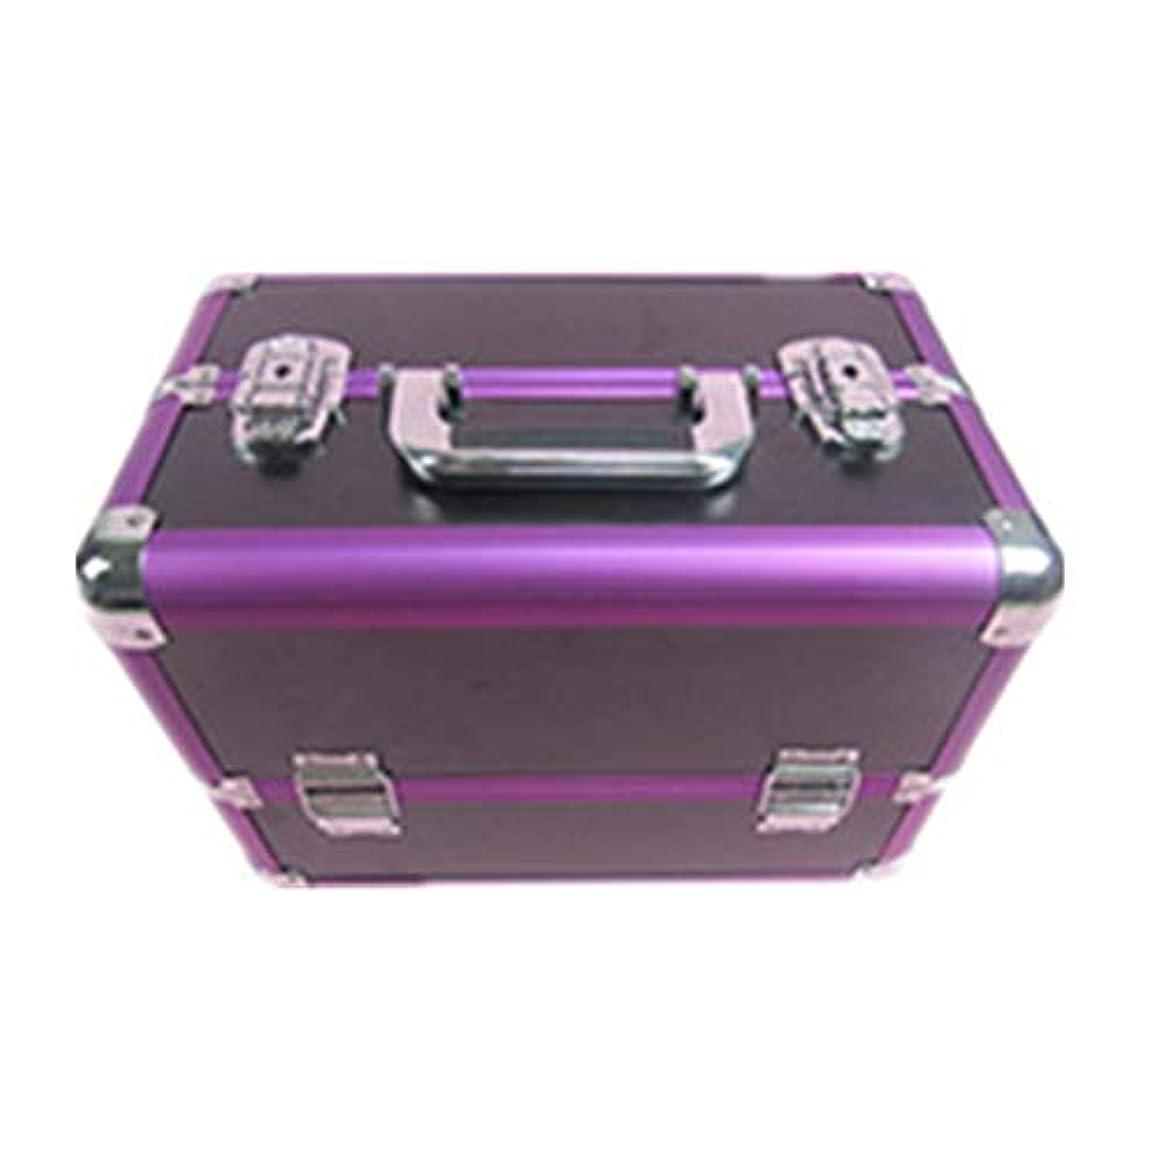 乱れ無人符号化粧オーガナイザーバッグ 大容量ポータブル化粧ケース(トラベルアクセサリー用)シャンプーボディウォッシュパーソナルアイテム収納トレイ(エクステンショントレイ付) 化粧品ケース